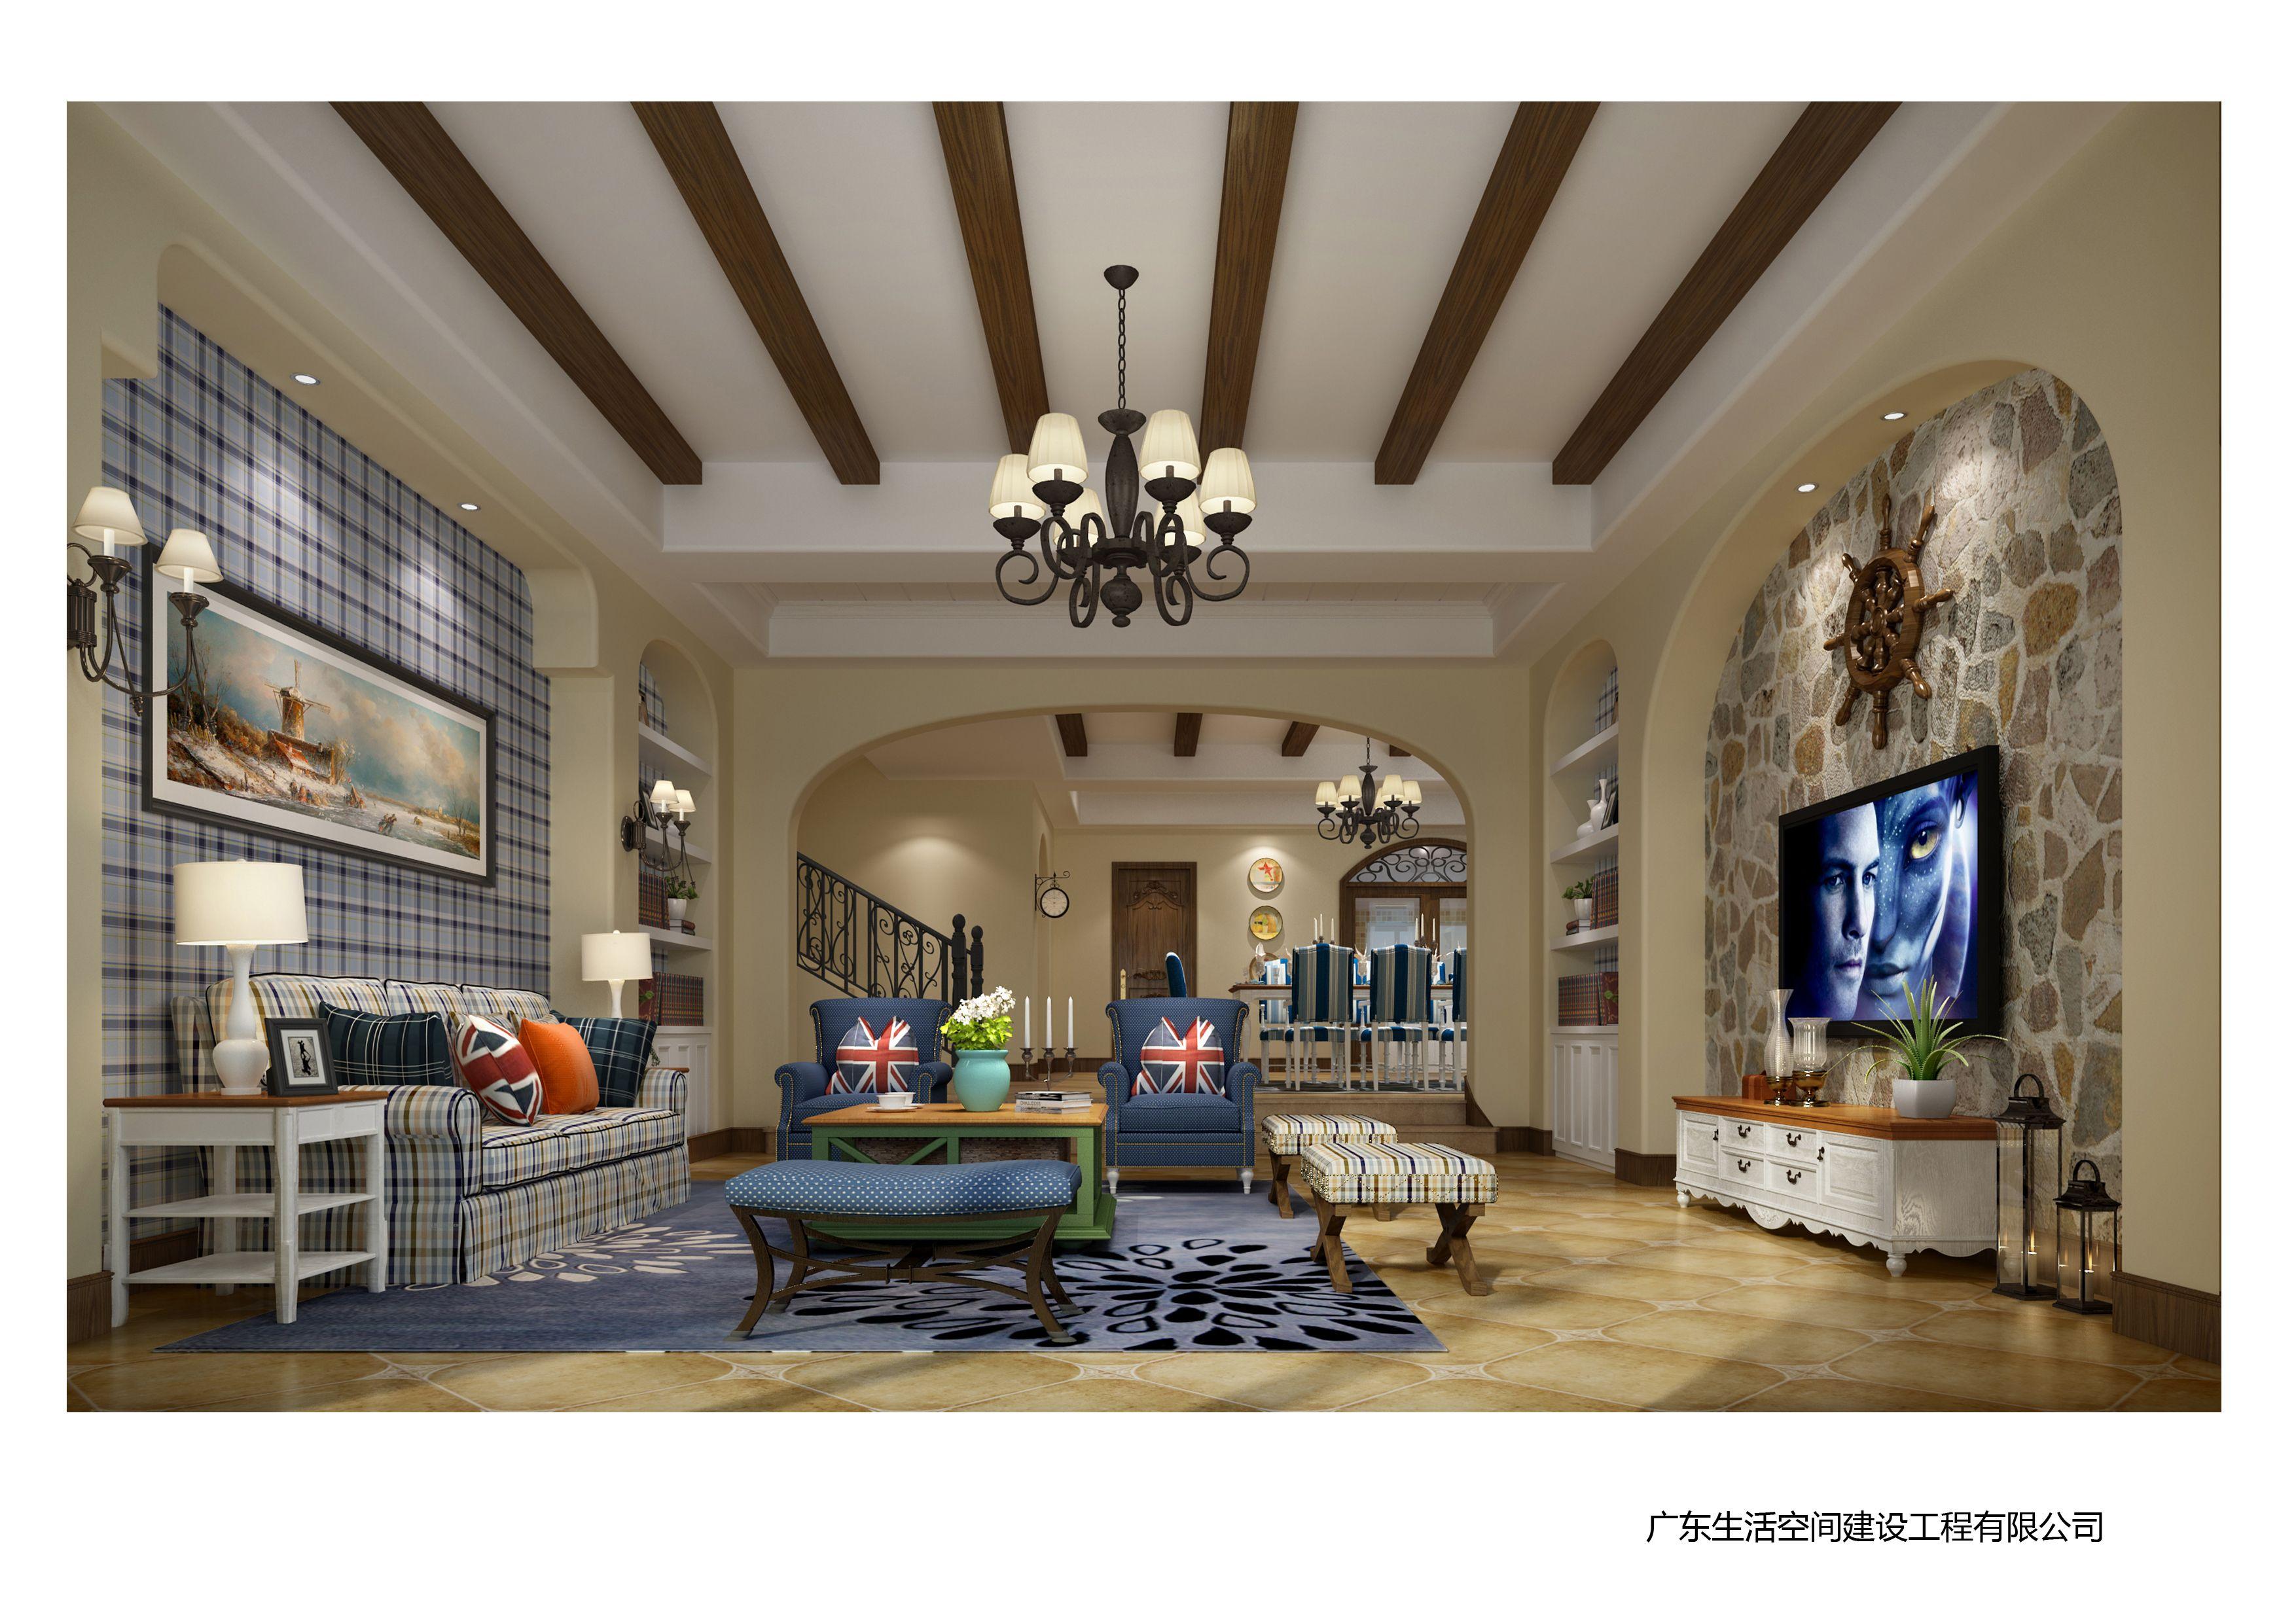 这个案例中的客厅,采用的是简单的吊顶设计,没有多余的装饰。这与餐厅中的假梁吊顶形成明显的对比,一盏大的吊灯与壁灯相统一。典型的蓝白在家具和家纺中得到延伸,虽然没有很艳丽的颜色和夸张的设计,却彰显了很淡雅的居住空间,所有元素结合起来是富有变化和层次的,仿佛置身于广阔的海洋中。